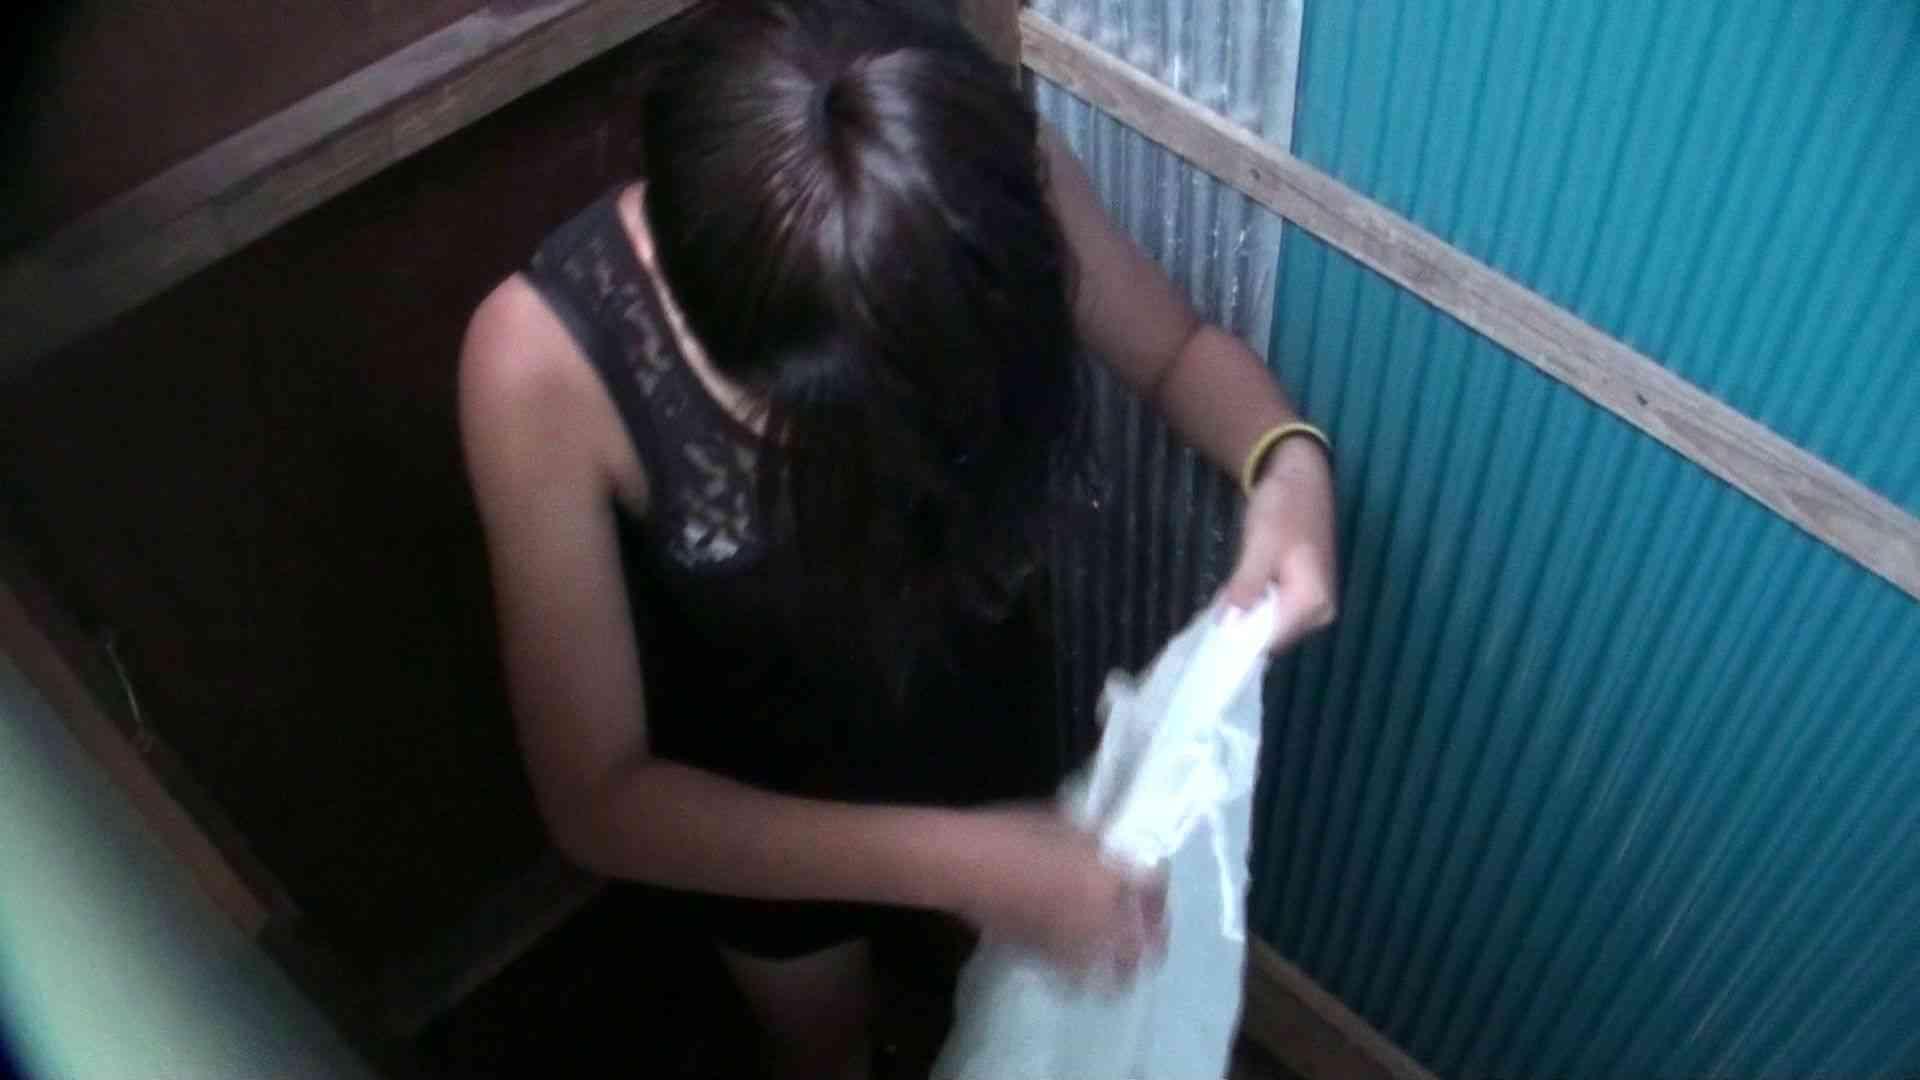 シャワールームは超!!危険な香りVol.17 ガーリーなビキニと下着に興奮です! 脱衣所の着替え   高画質モード  69画像 61